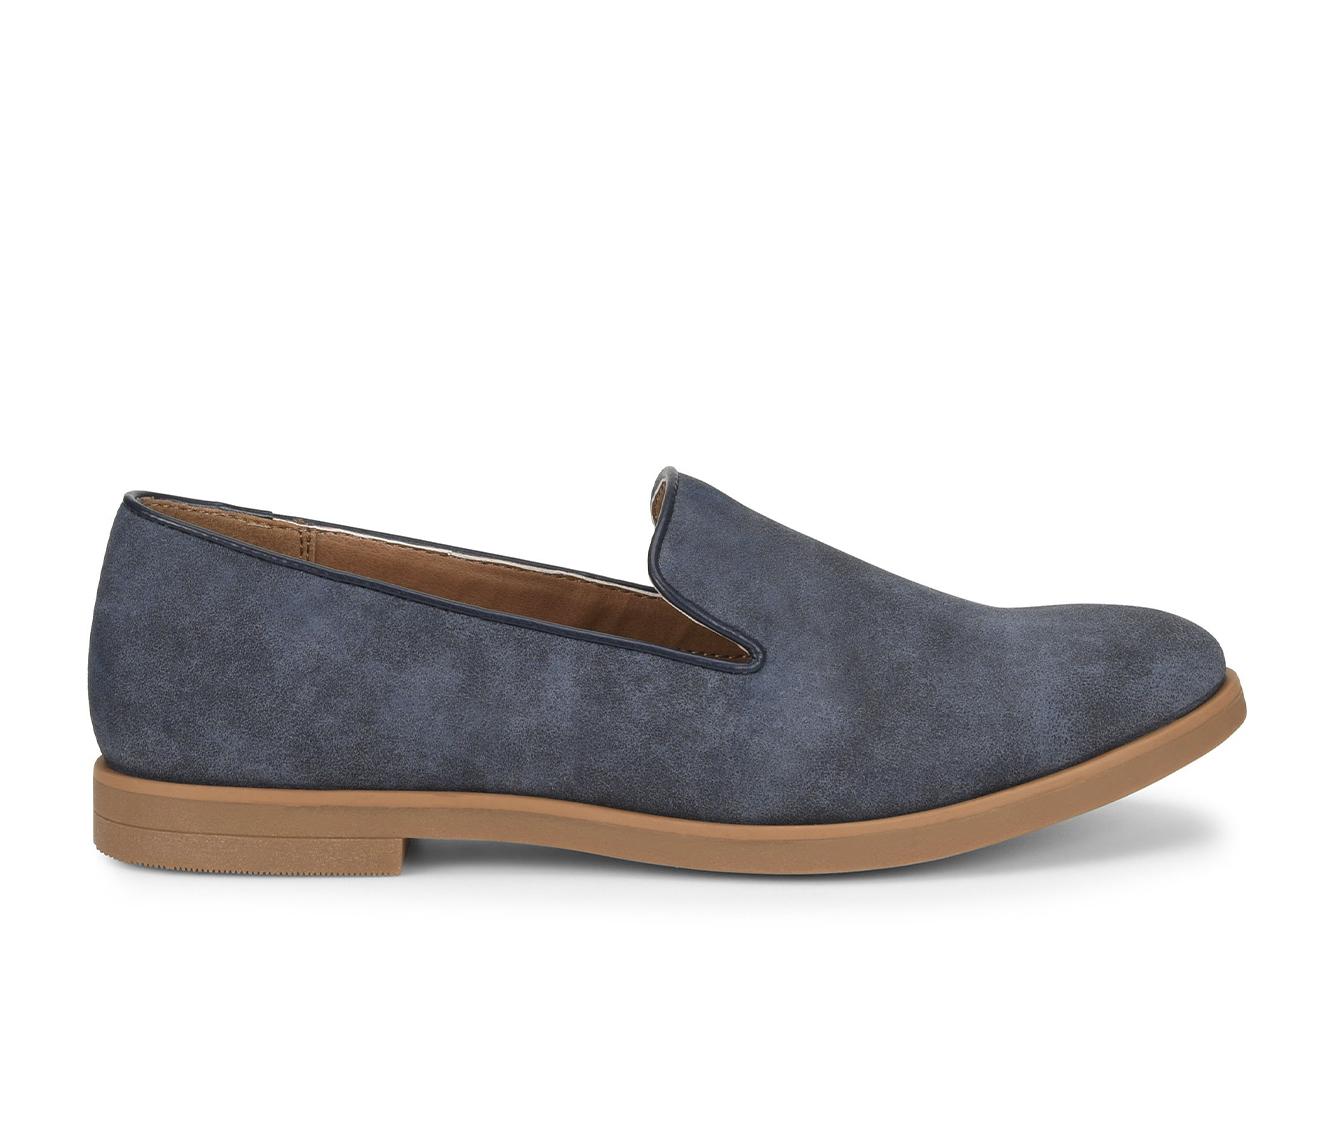 EuroSoft Vannah Women's Shoe (Blue Faux Leather)